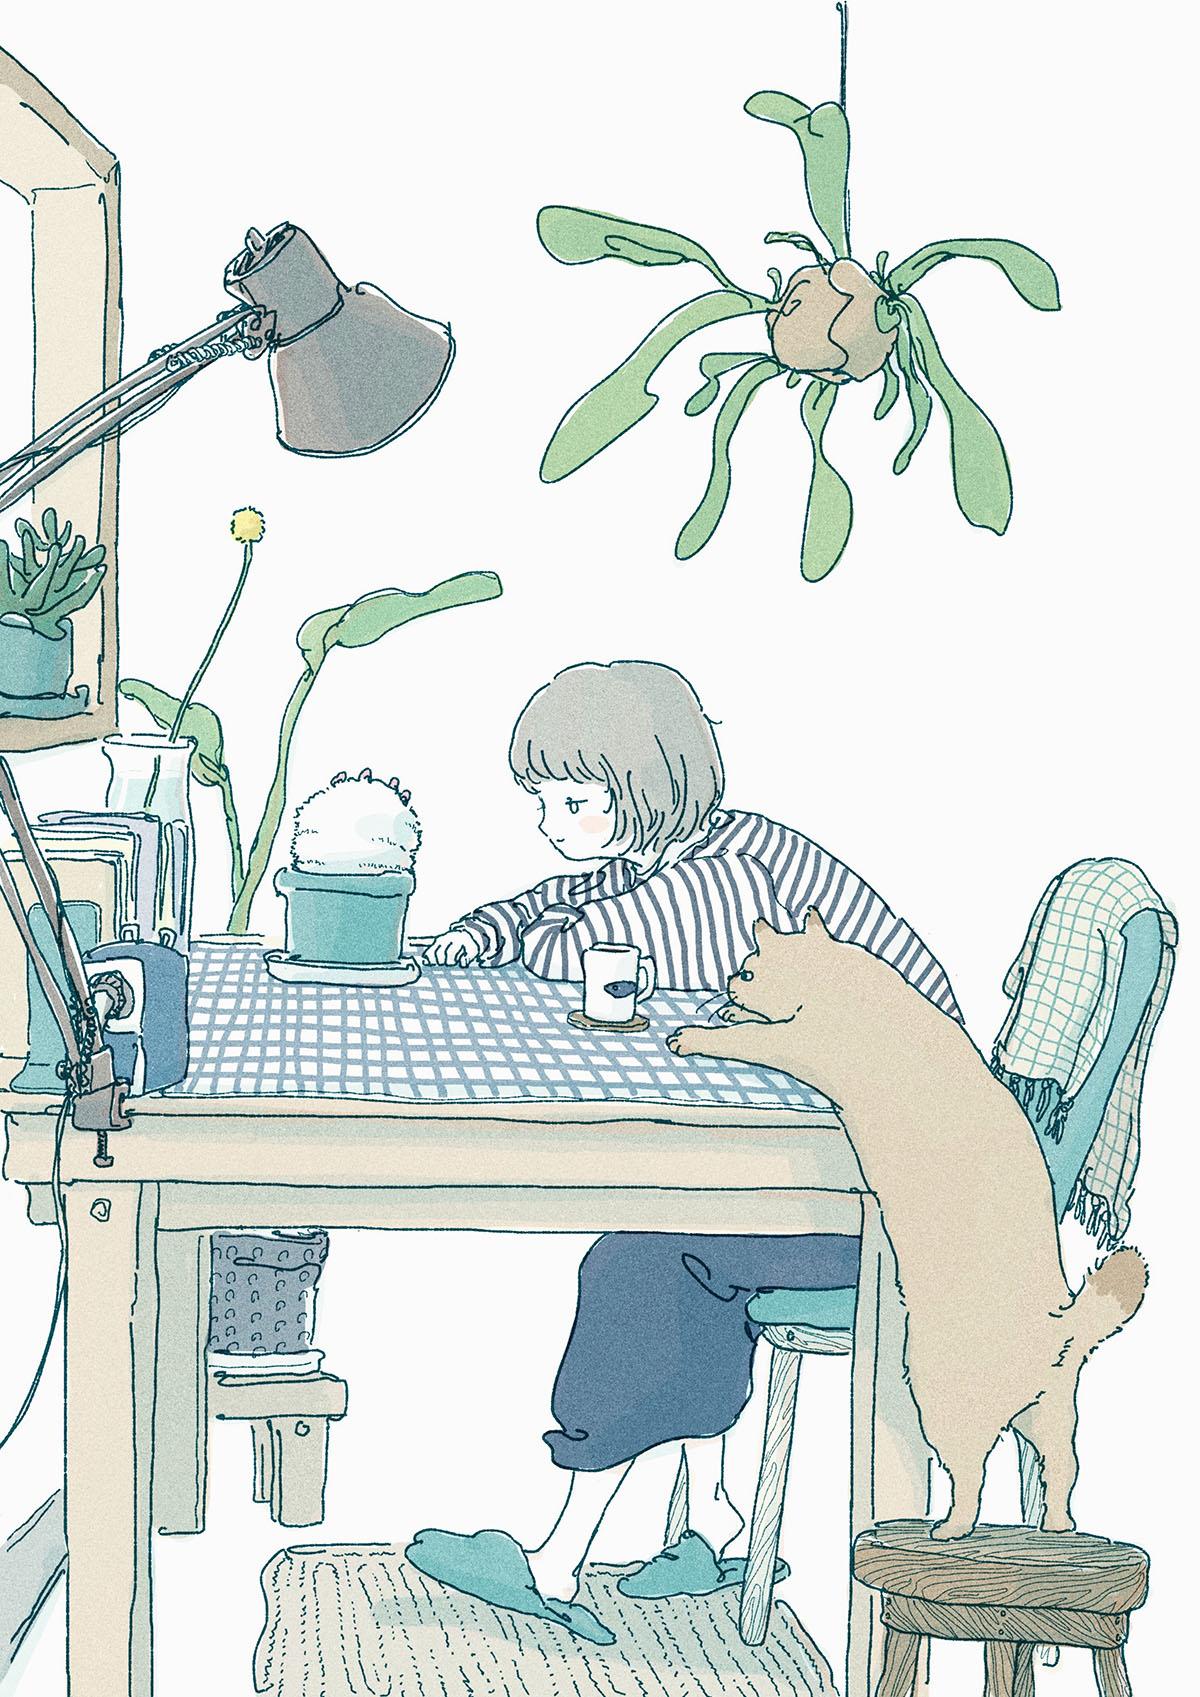 部屋で植物を眺める様子のイラスト